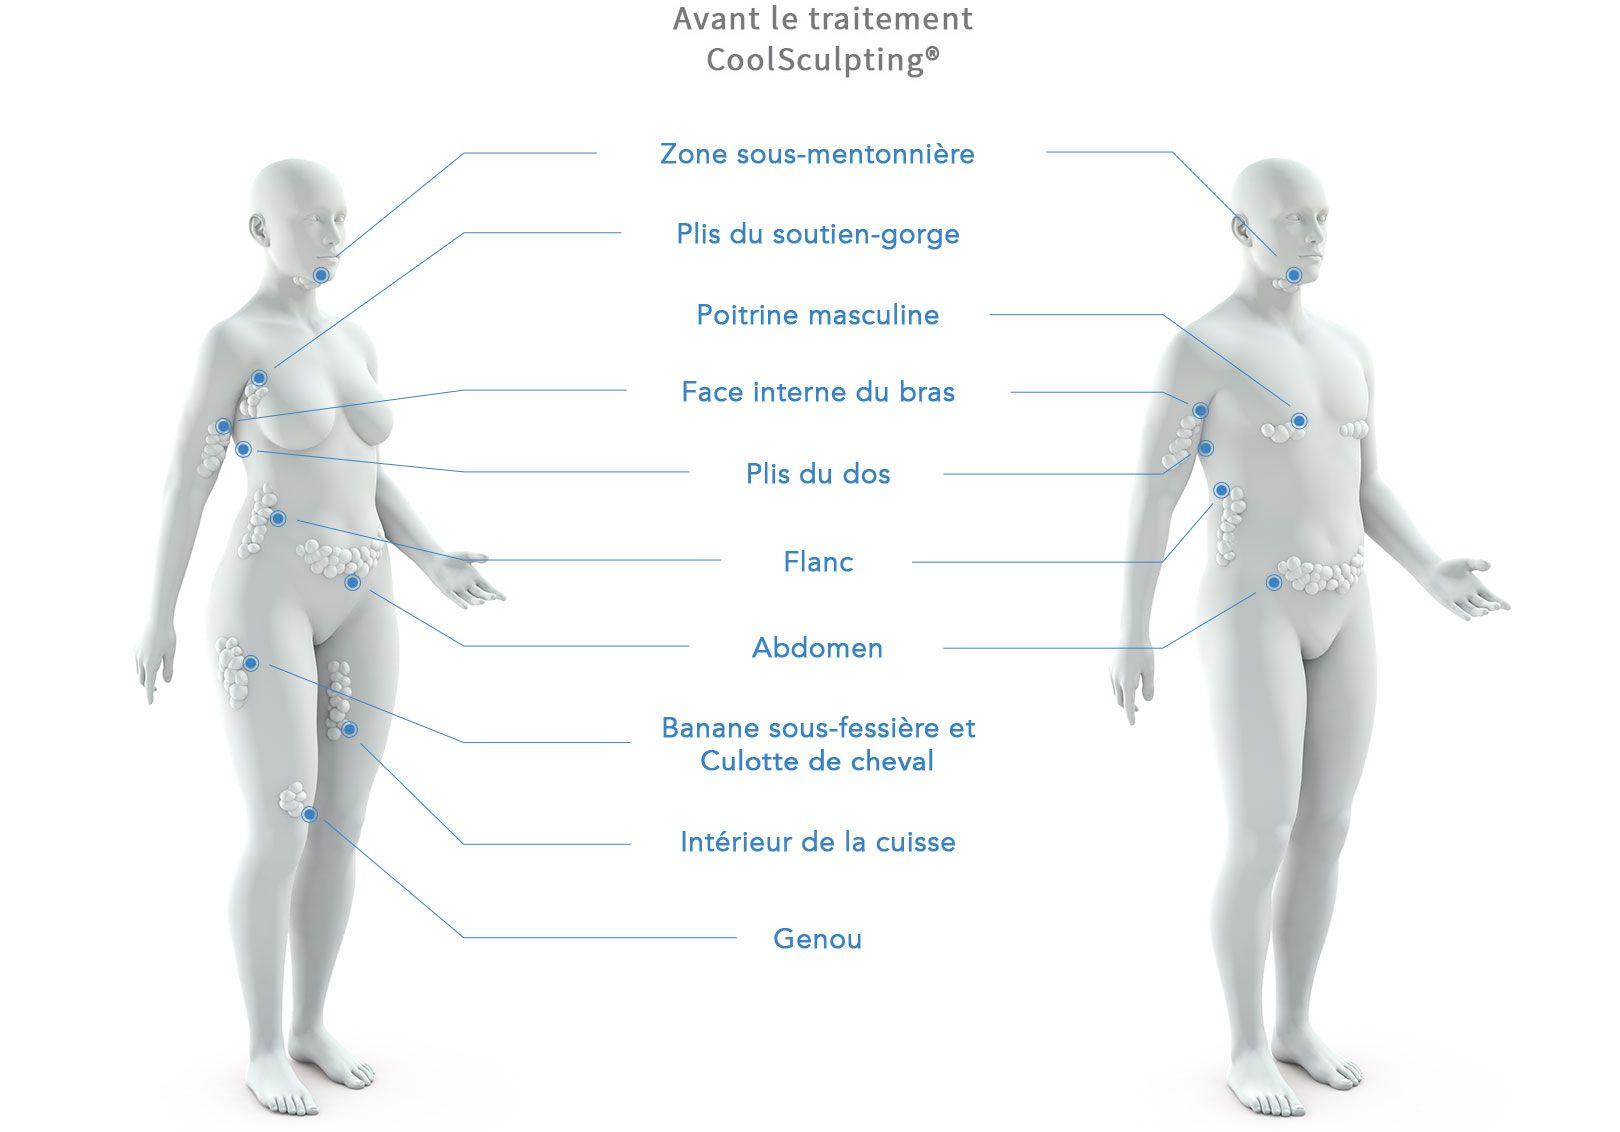 Retrouvez ici les différentes zones du corps traitées par Coolsculpting